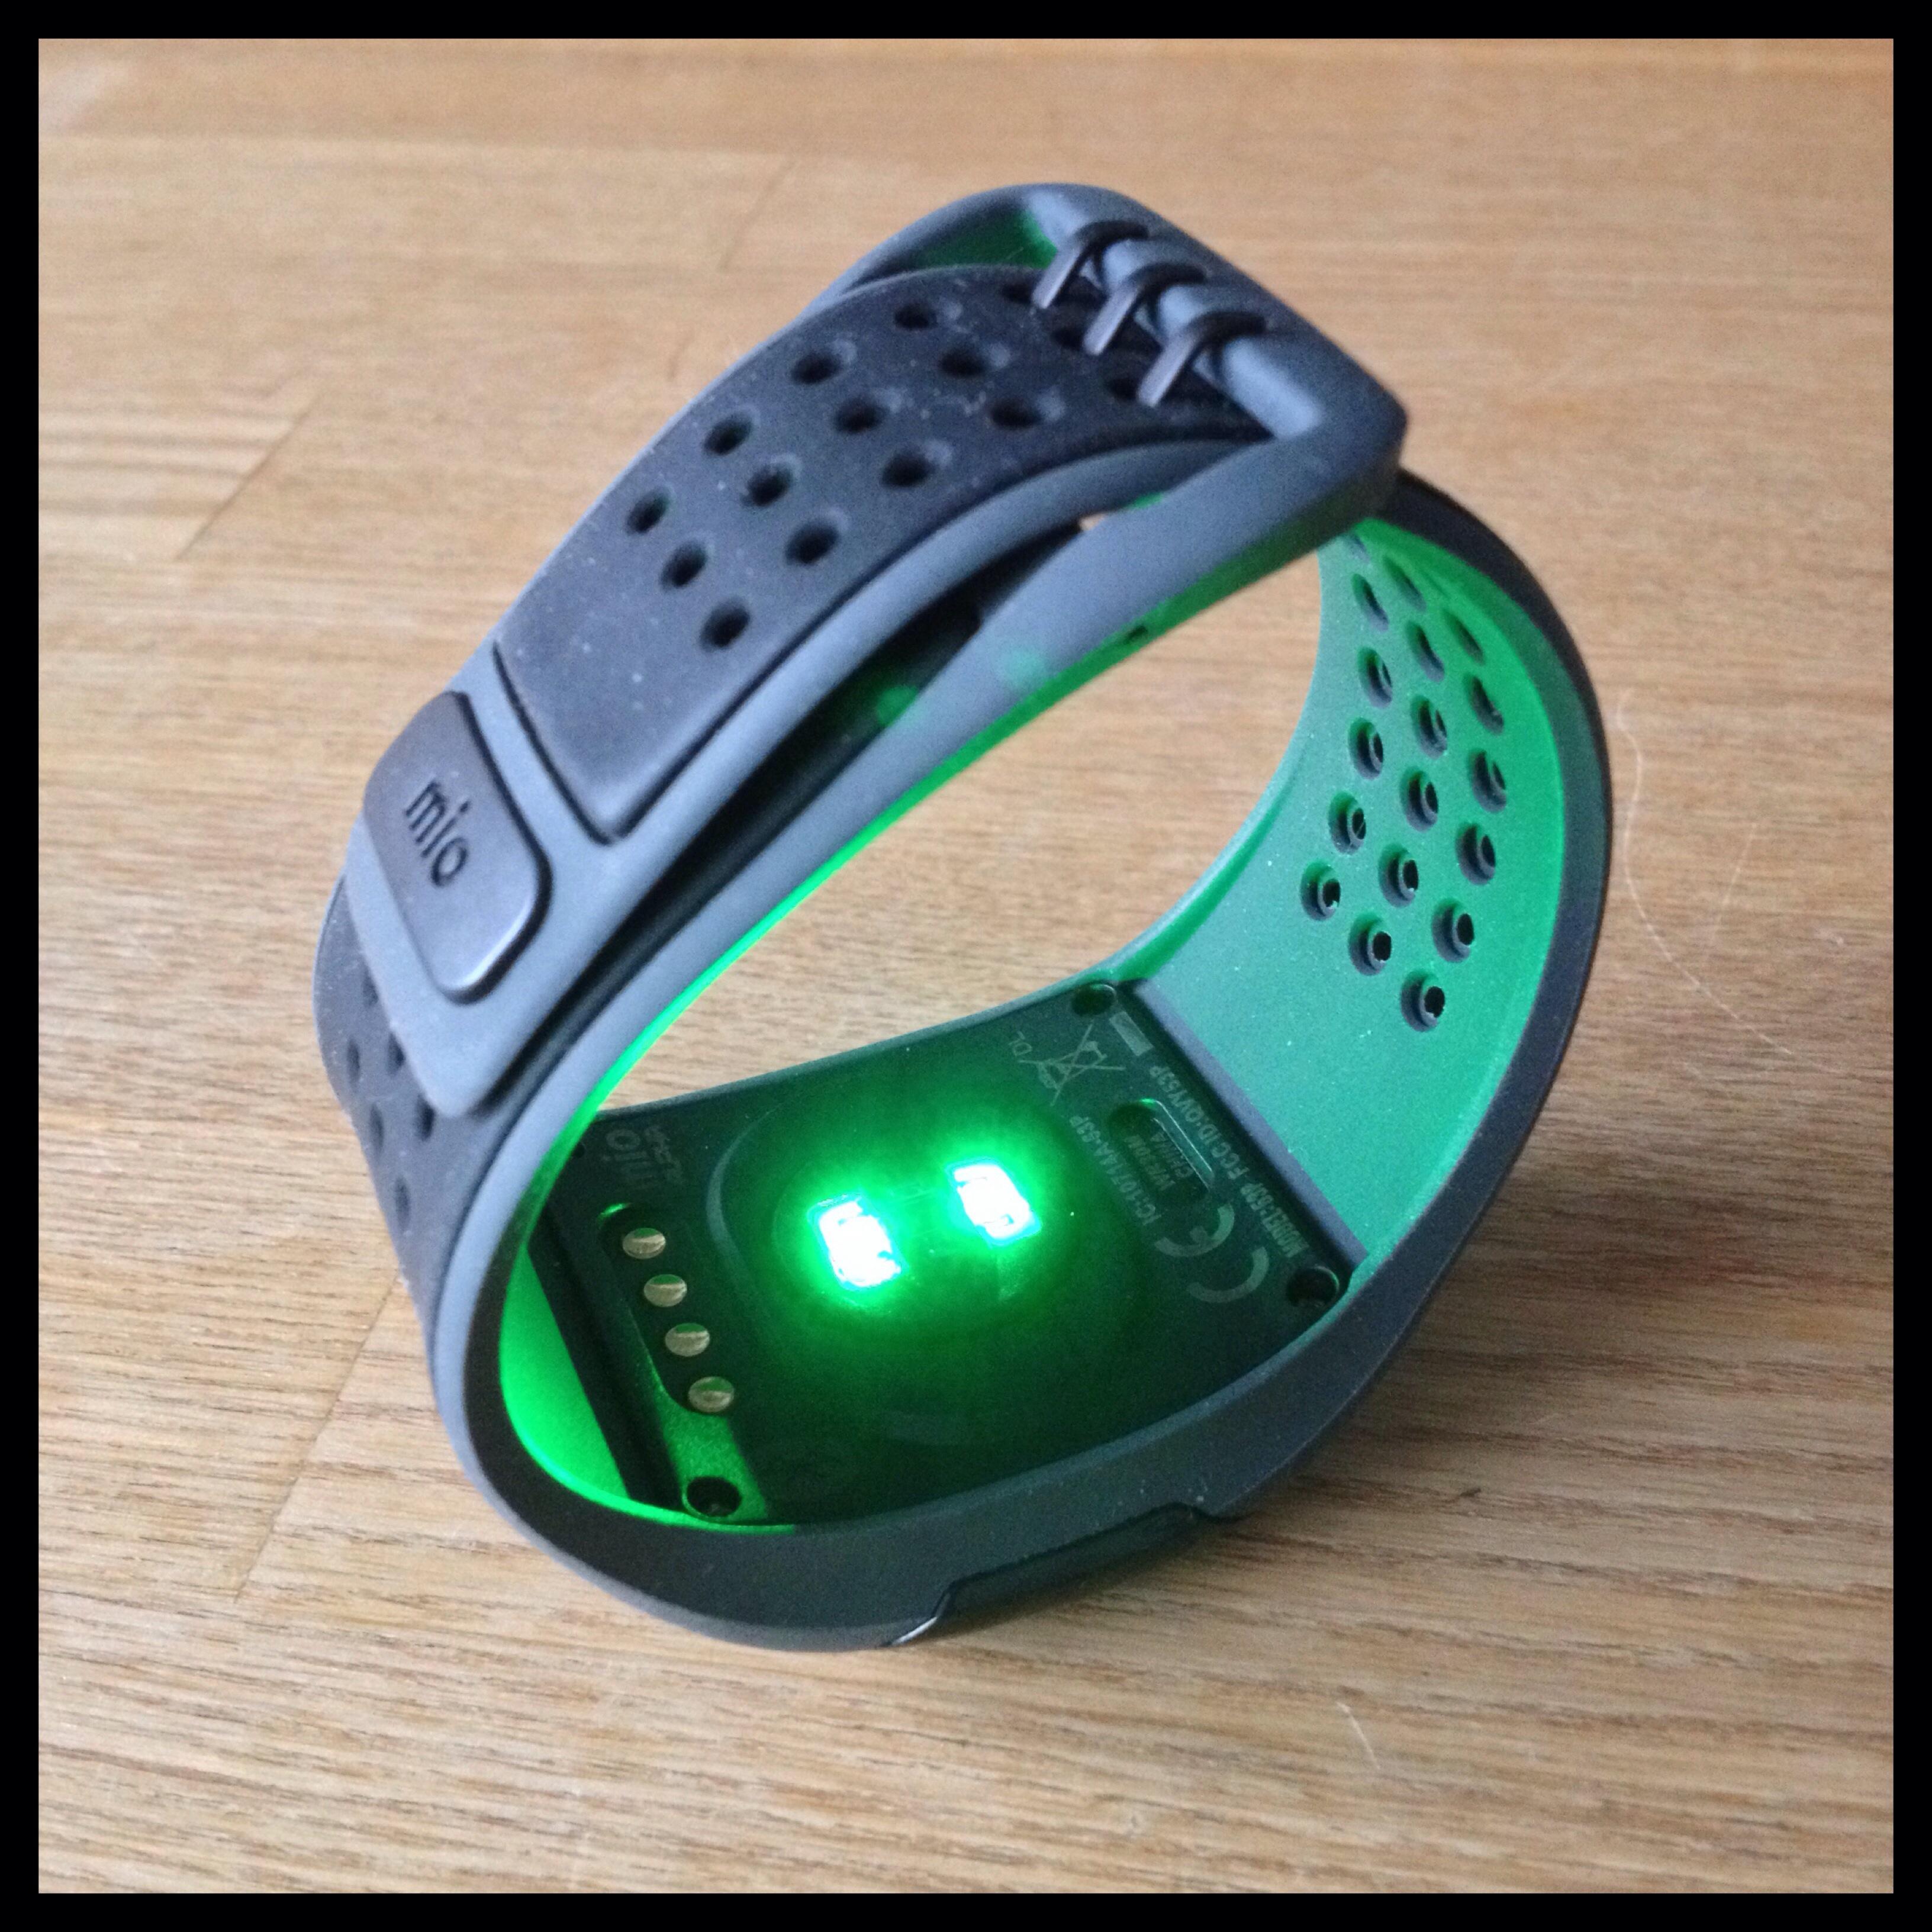 Grønt lys gennemtrænger huden og giver den optiske sensor noget at arbejde med.